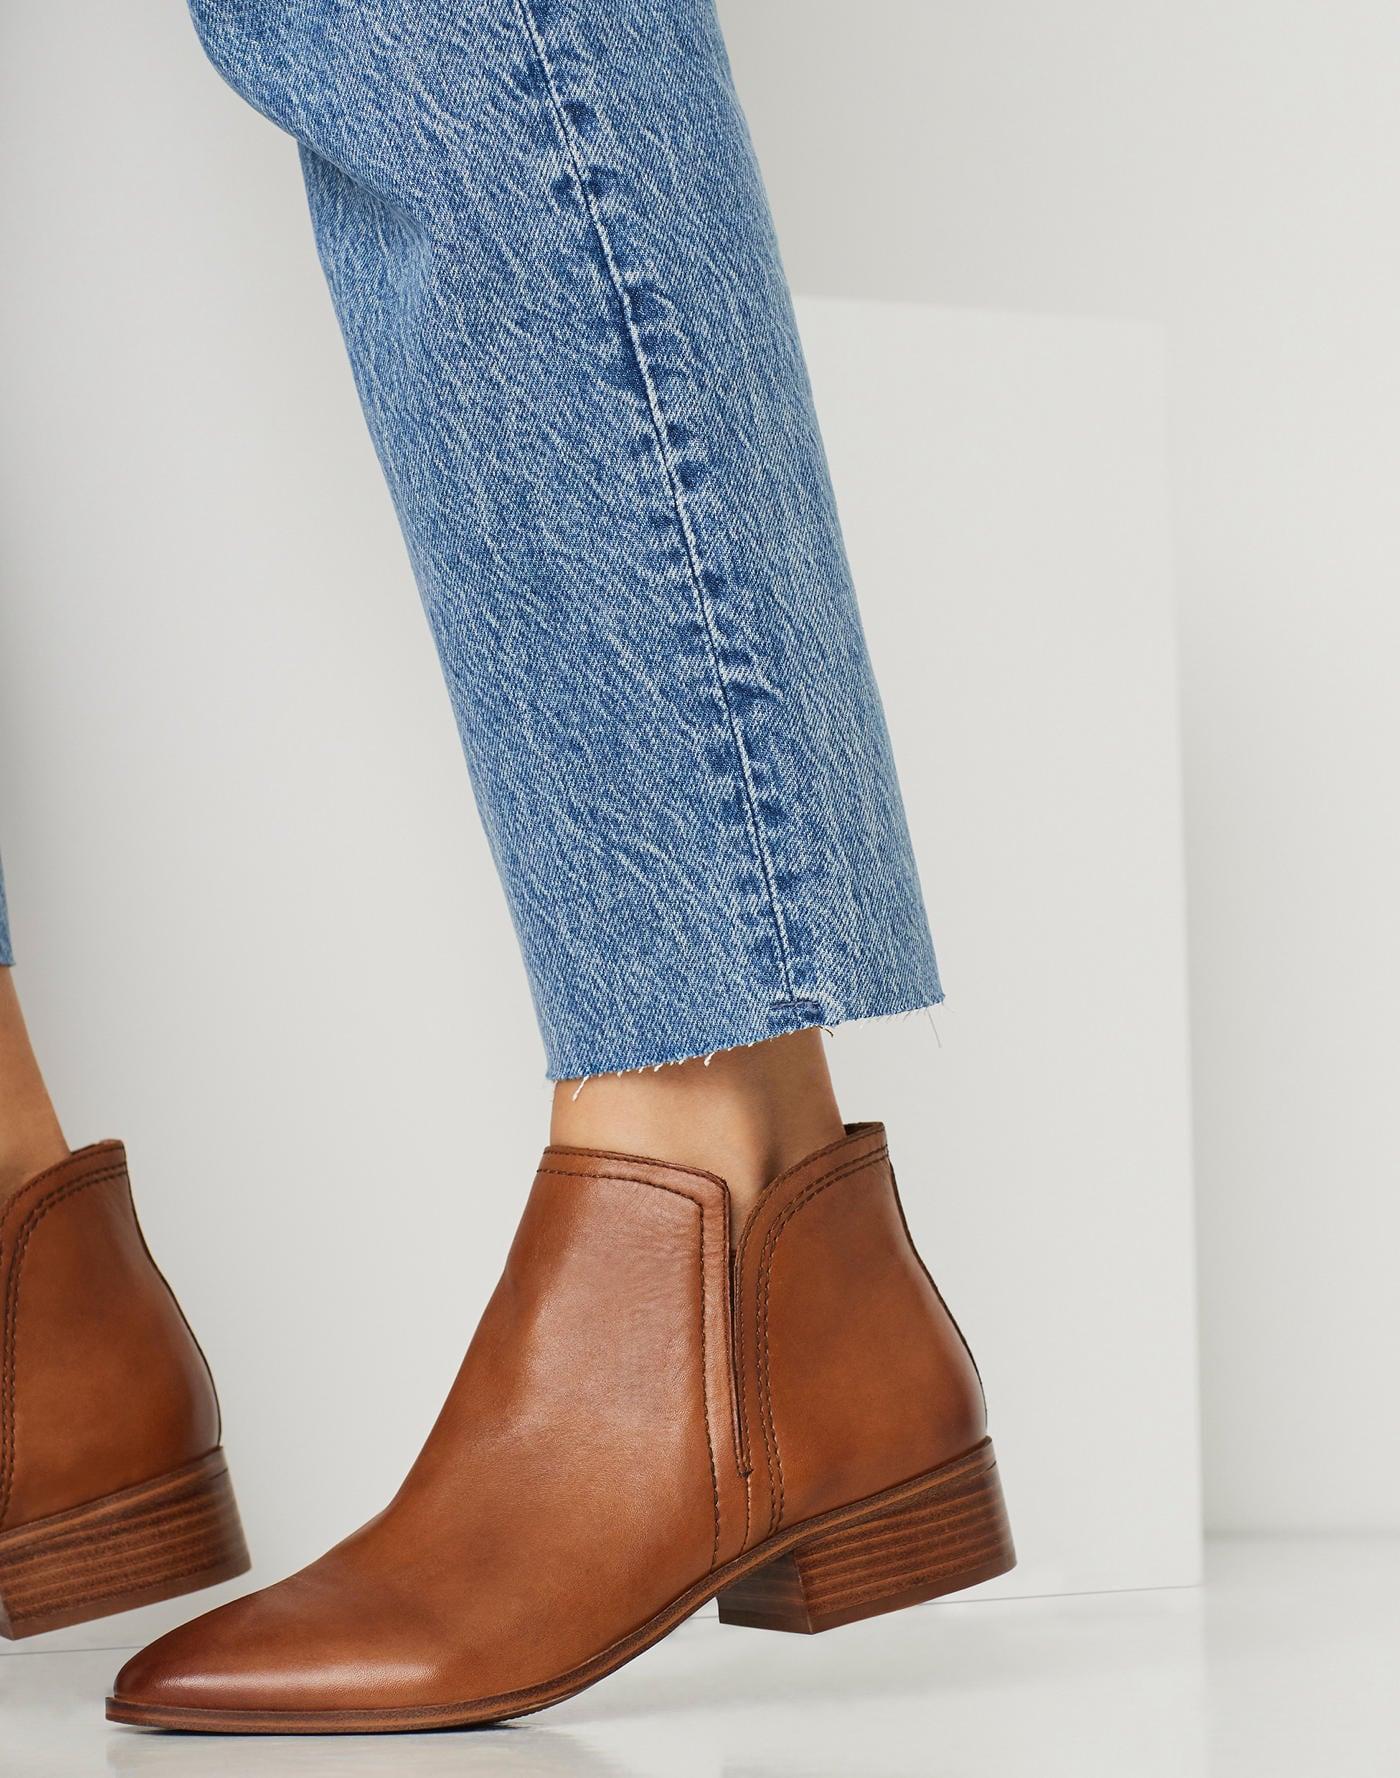 16f1c2c2daf Ankle boots | Aldoshoes.com US